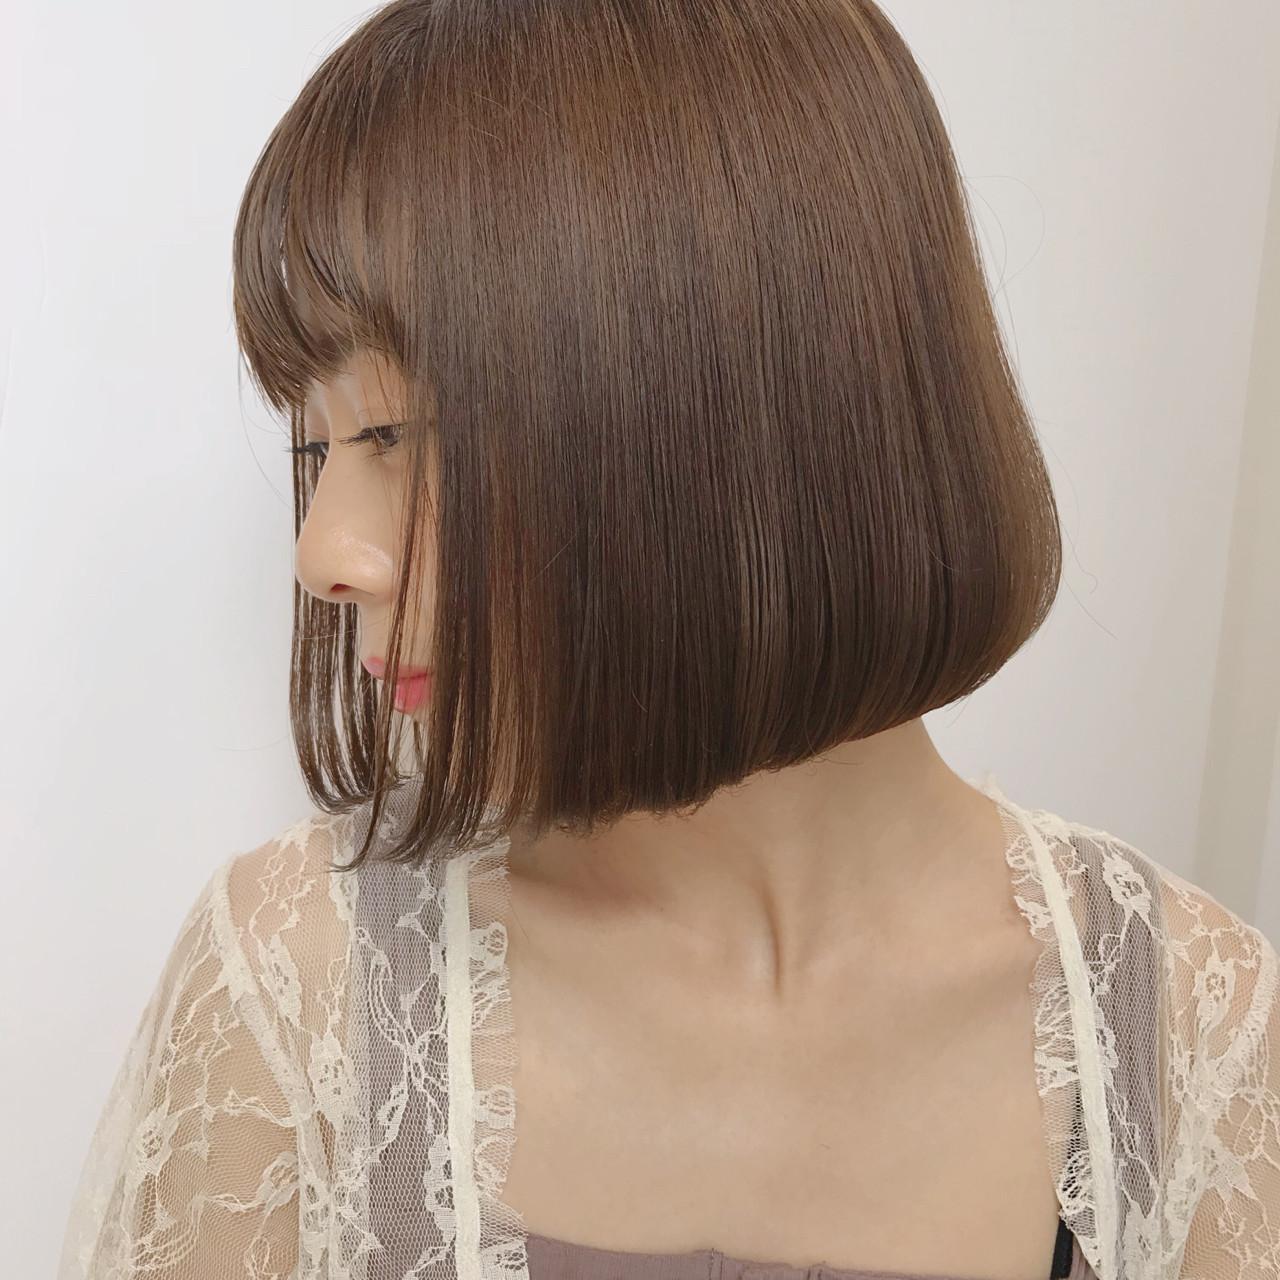 デート 透明感 愛され ミルクティー ヘアスタイルや髪型の写真・画像 | 矢野佑太郎 / GARDEN harajuku